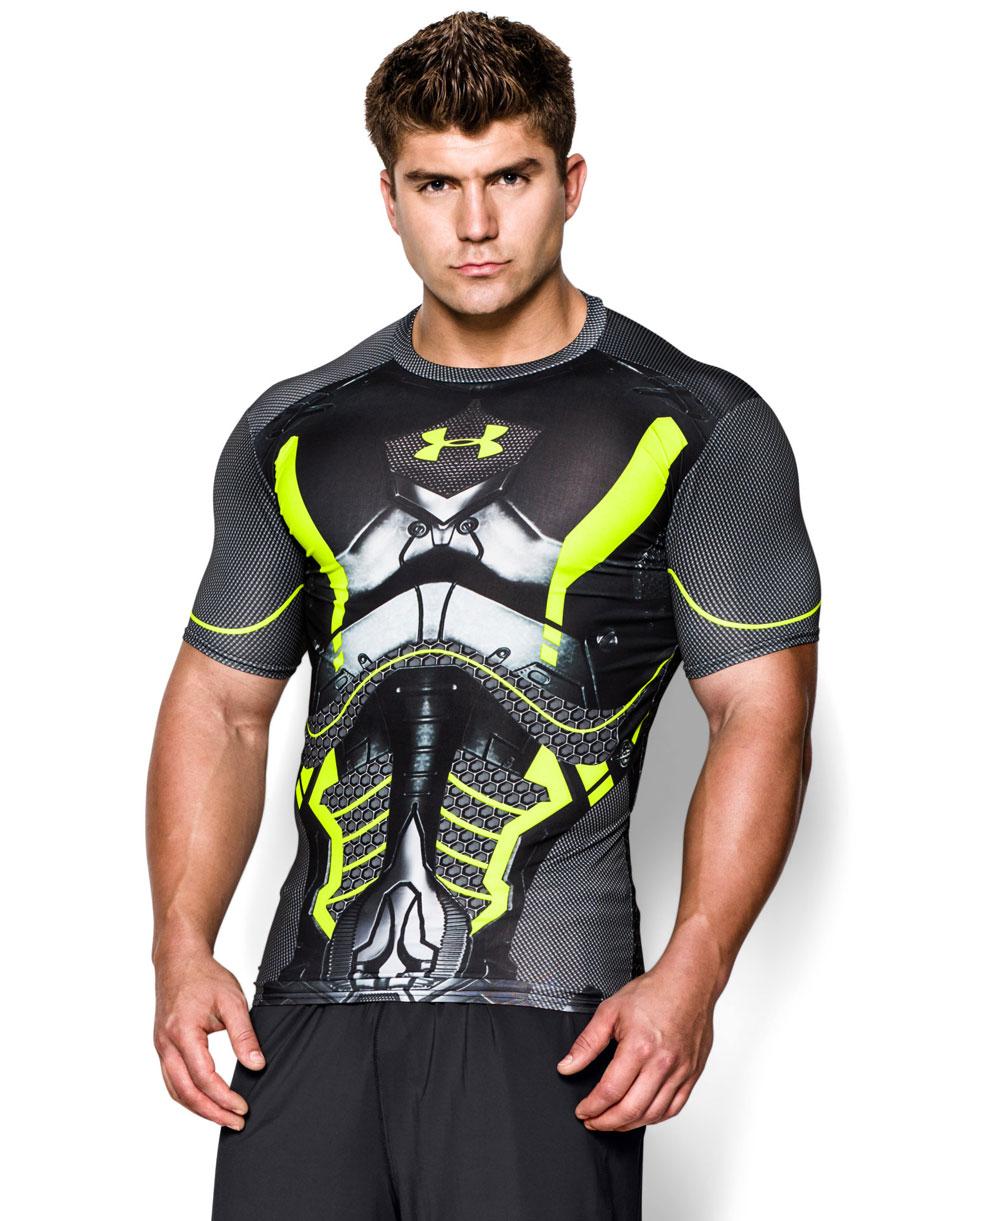 Alter Ego Maglia Compressione Uomo Manica Corta Future Warrior Black 003